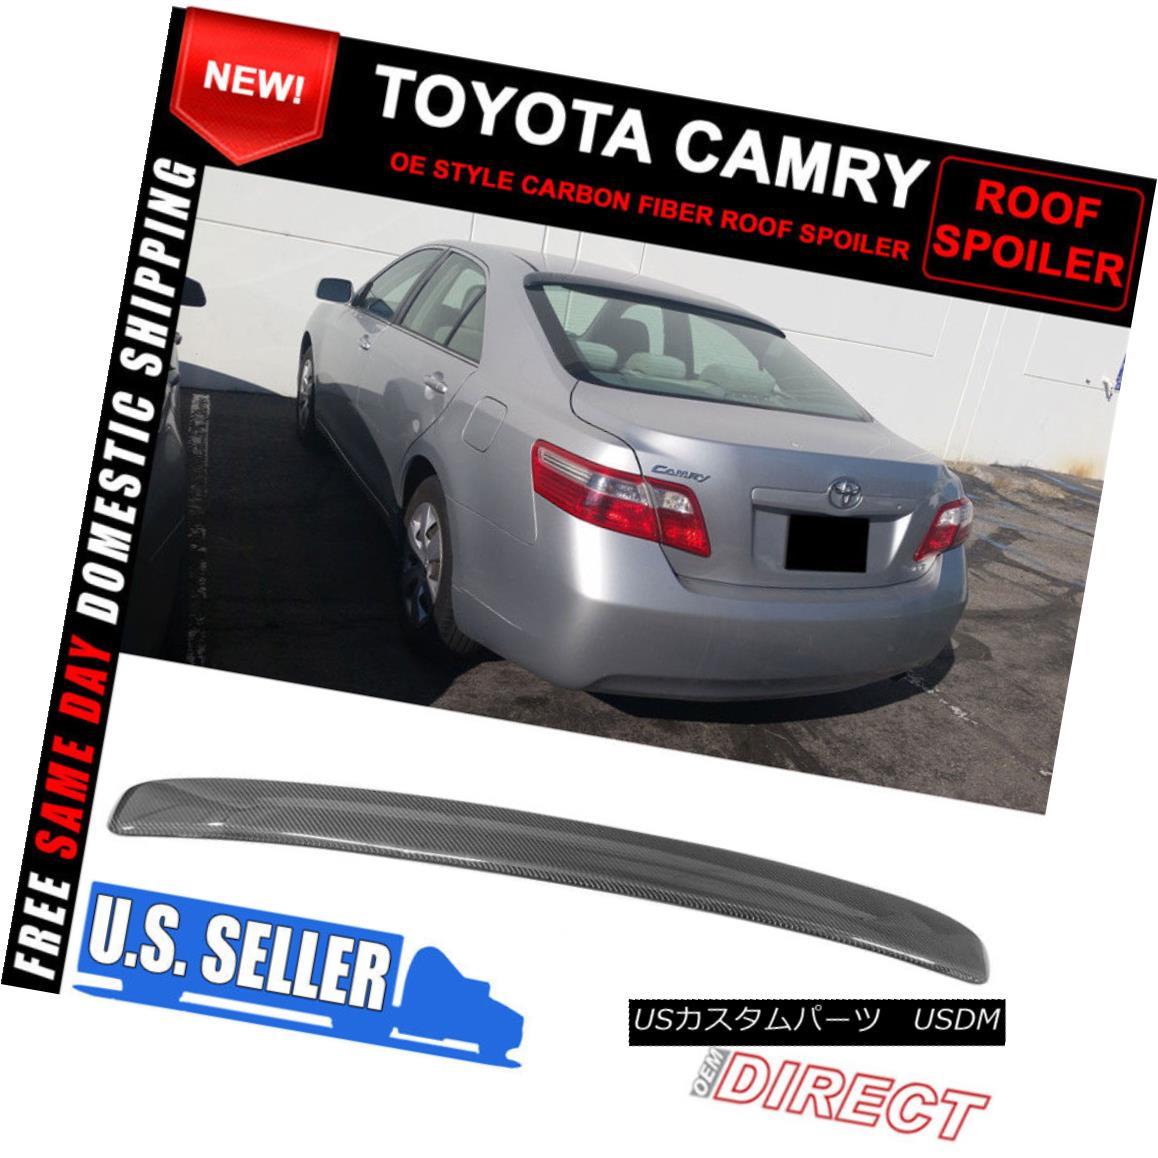 エアロパーツ 07-11 Toyota Camry Sedan Carbon Fiber OE Style Roof Spoiler 07-11トヨタカムリセダンカーボンファイバーOEスタイルルーフスポイラー